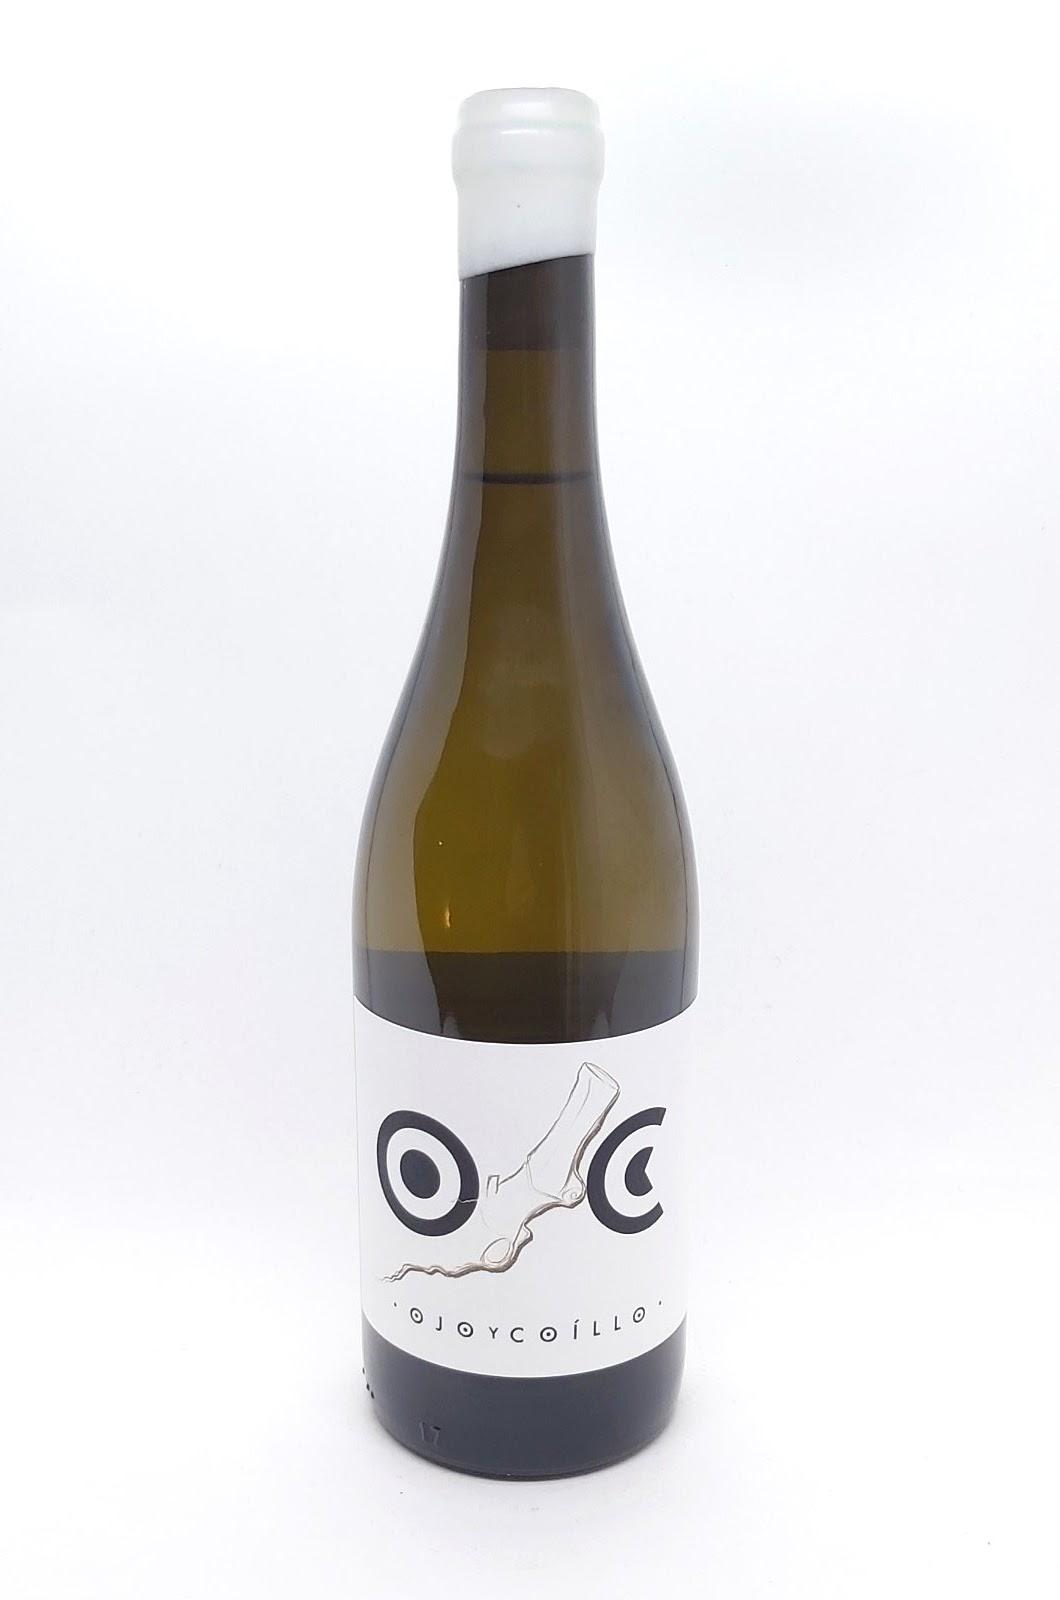 Ojo y Coíllo 2019. Vino sin D.O. (Montilla Moriles). Sibaritastur